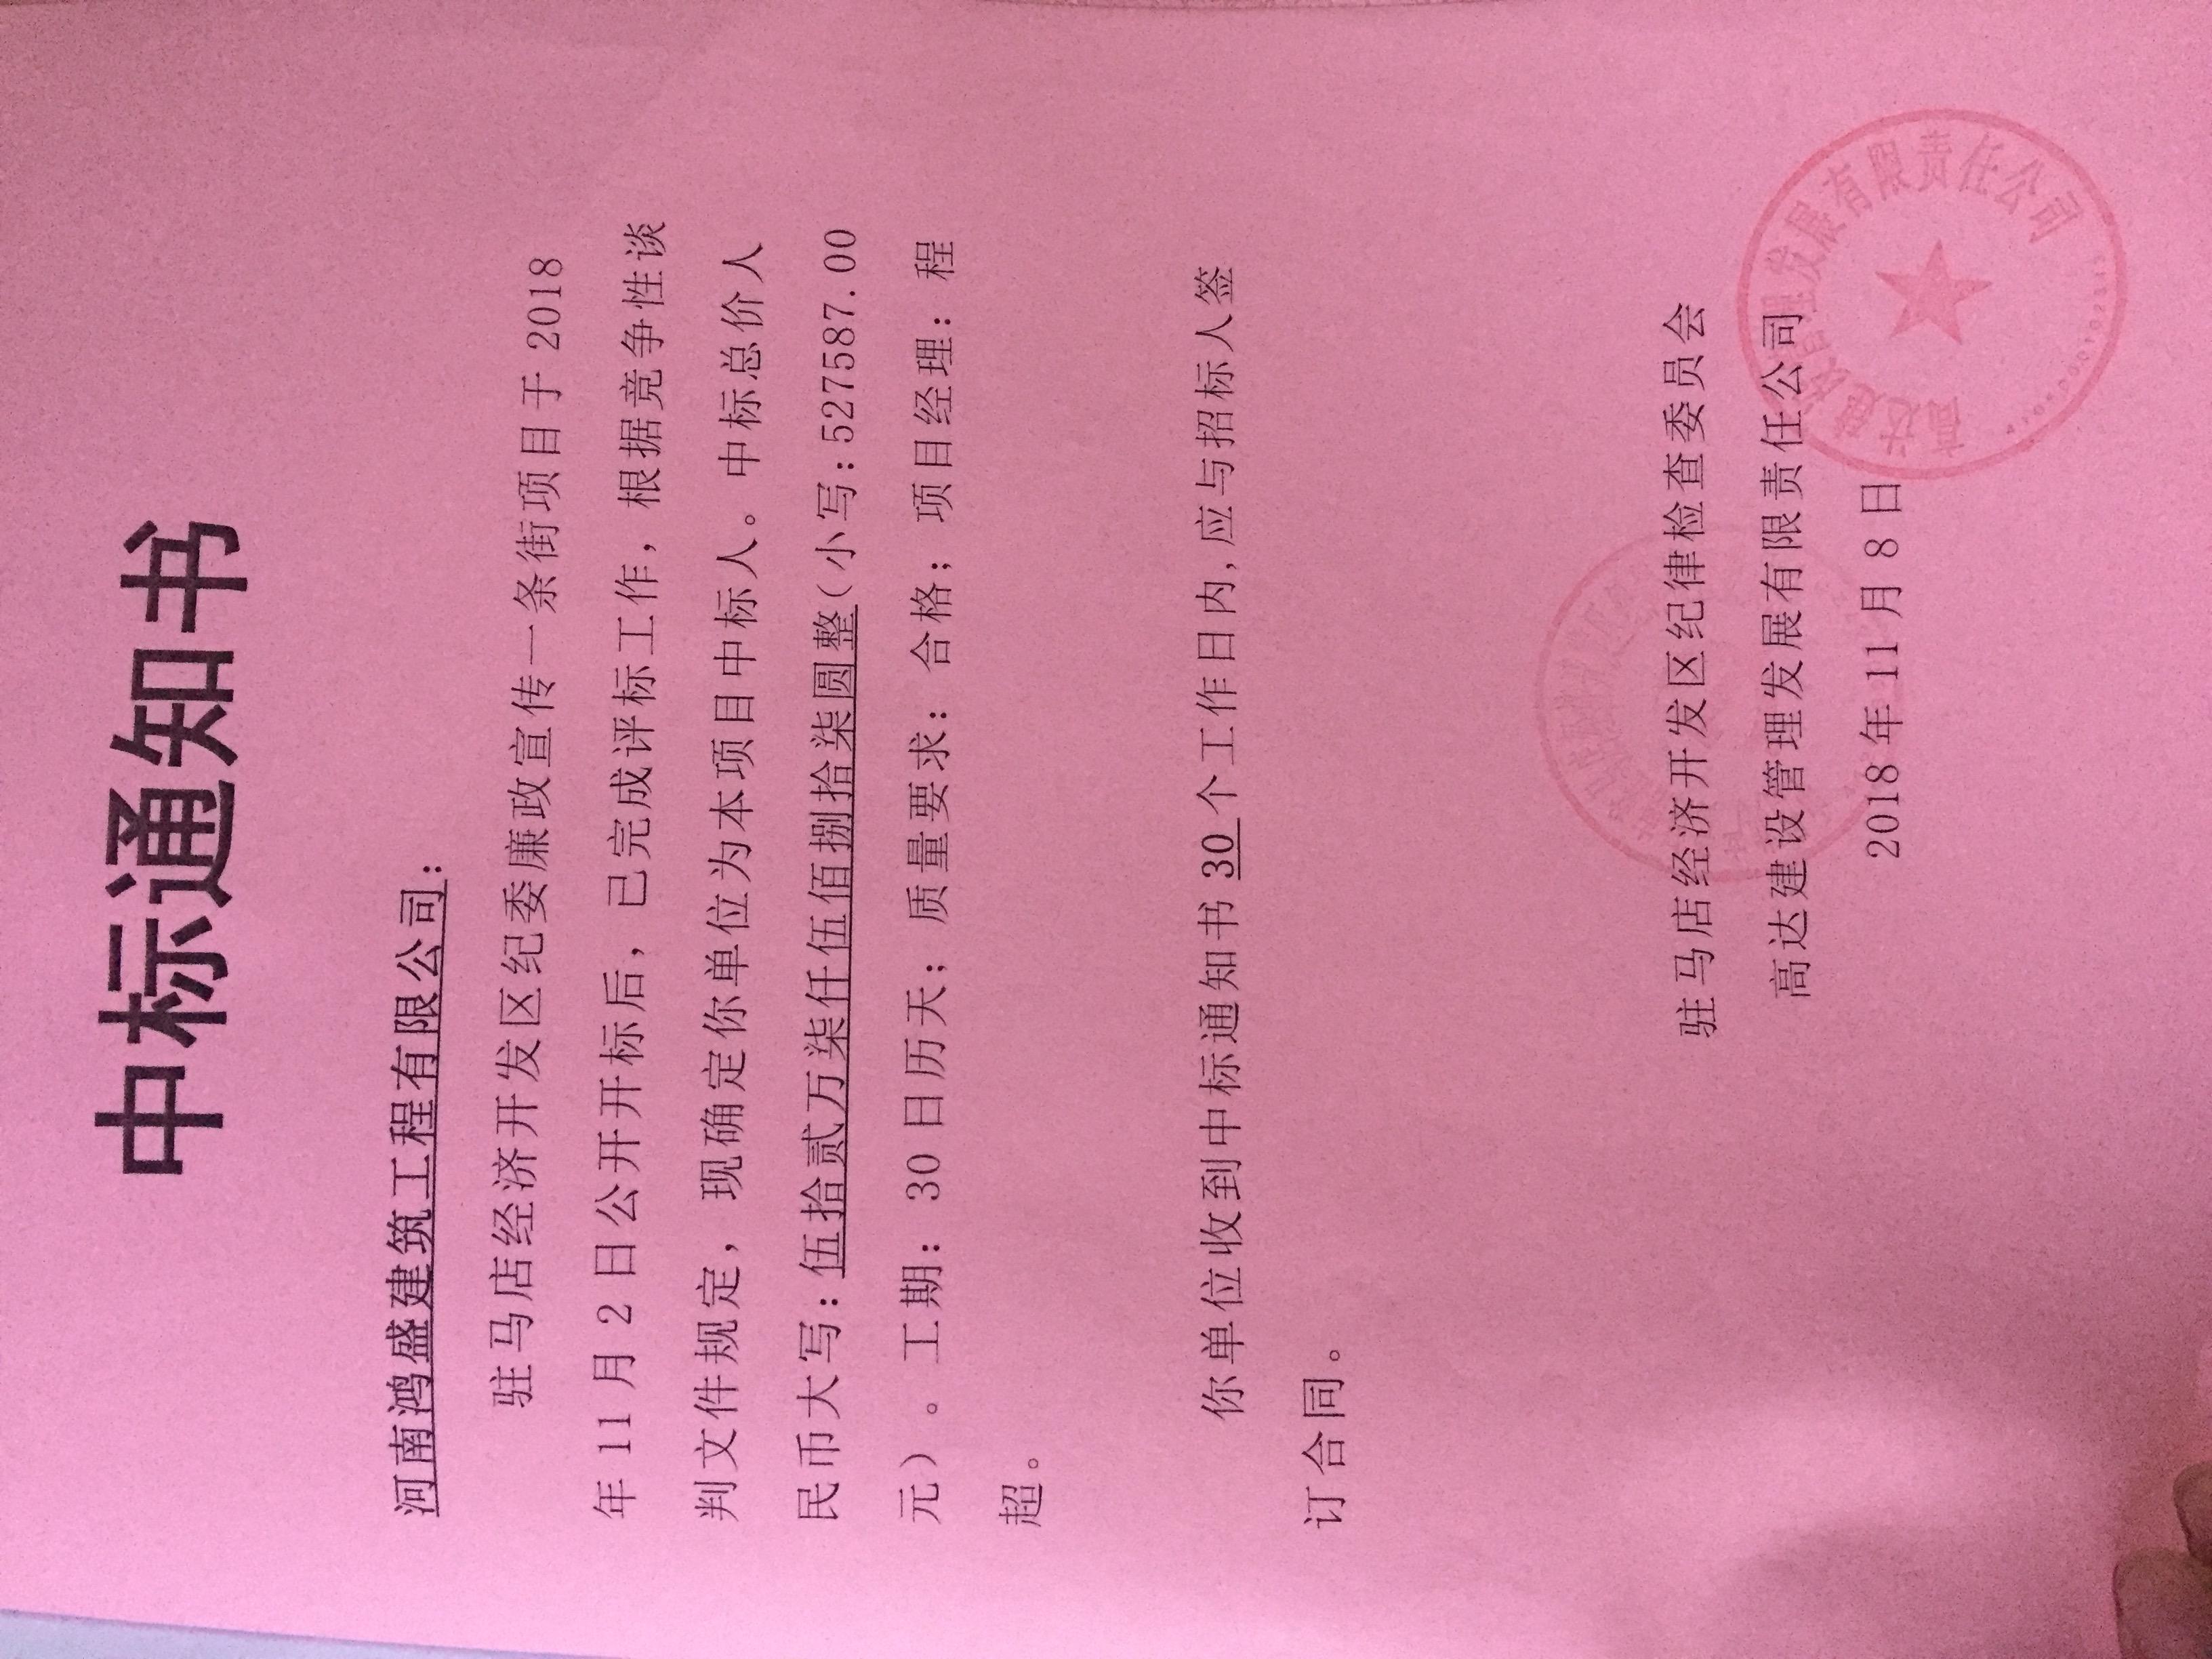 国家税务总局,广州市税务局执法取证软